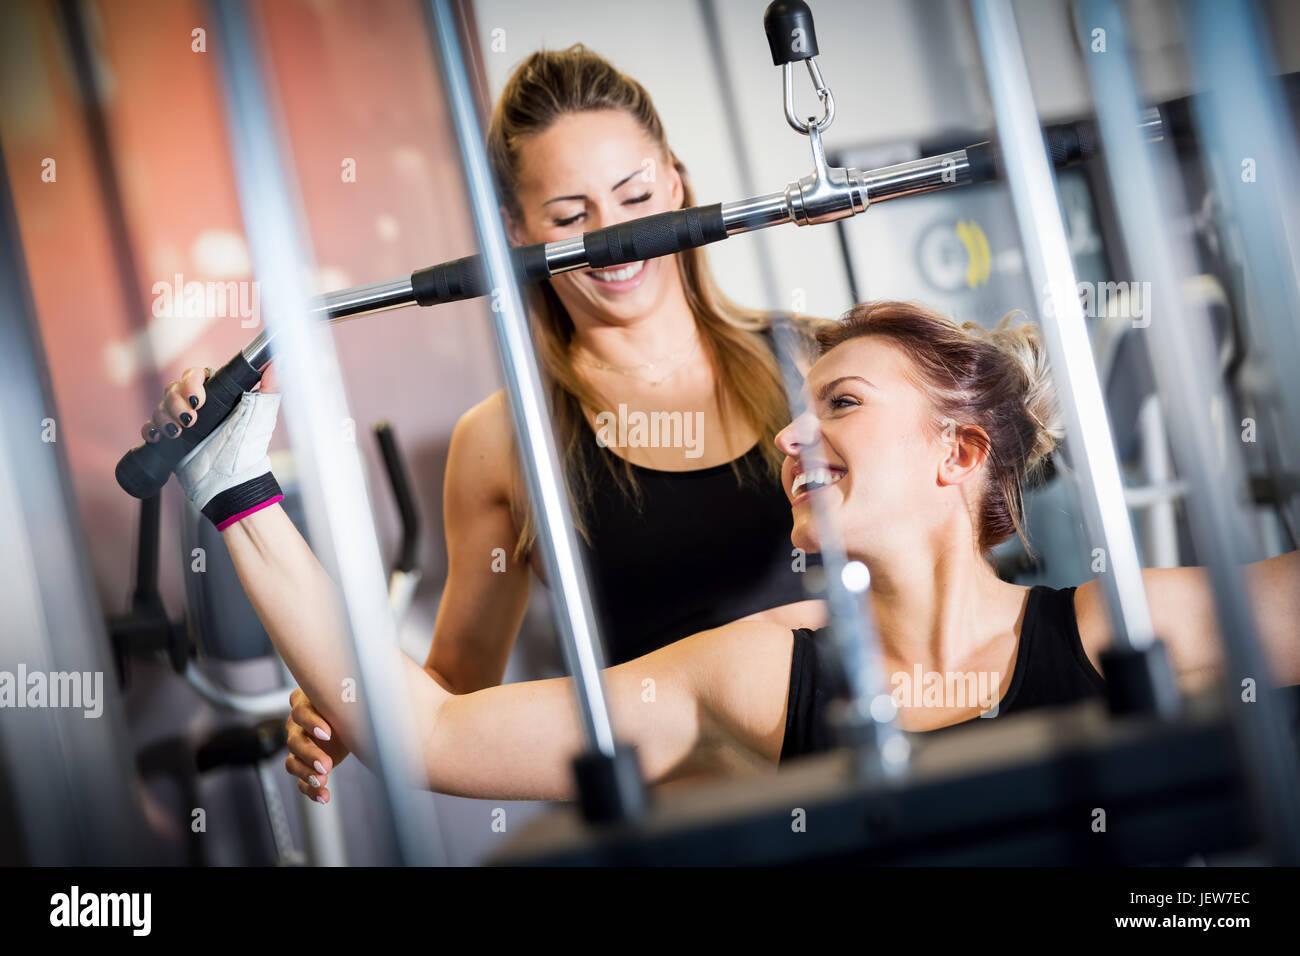 Entrenador personal ayuda con equipo de gimnasio de ejercicios. Dos mujeres atractivas la capacitación, el Imagen De Stock